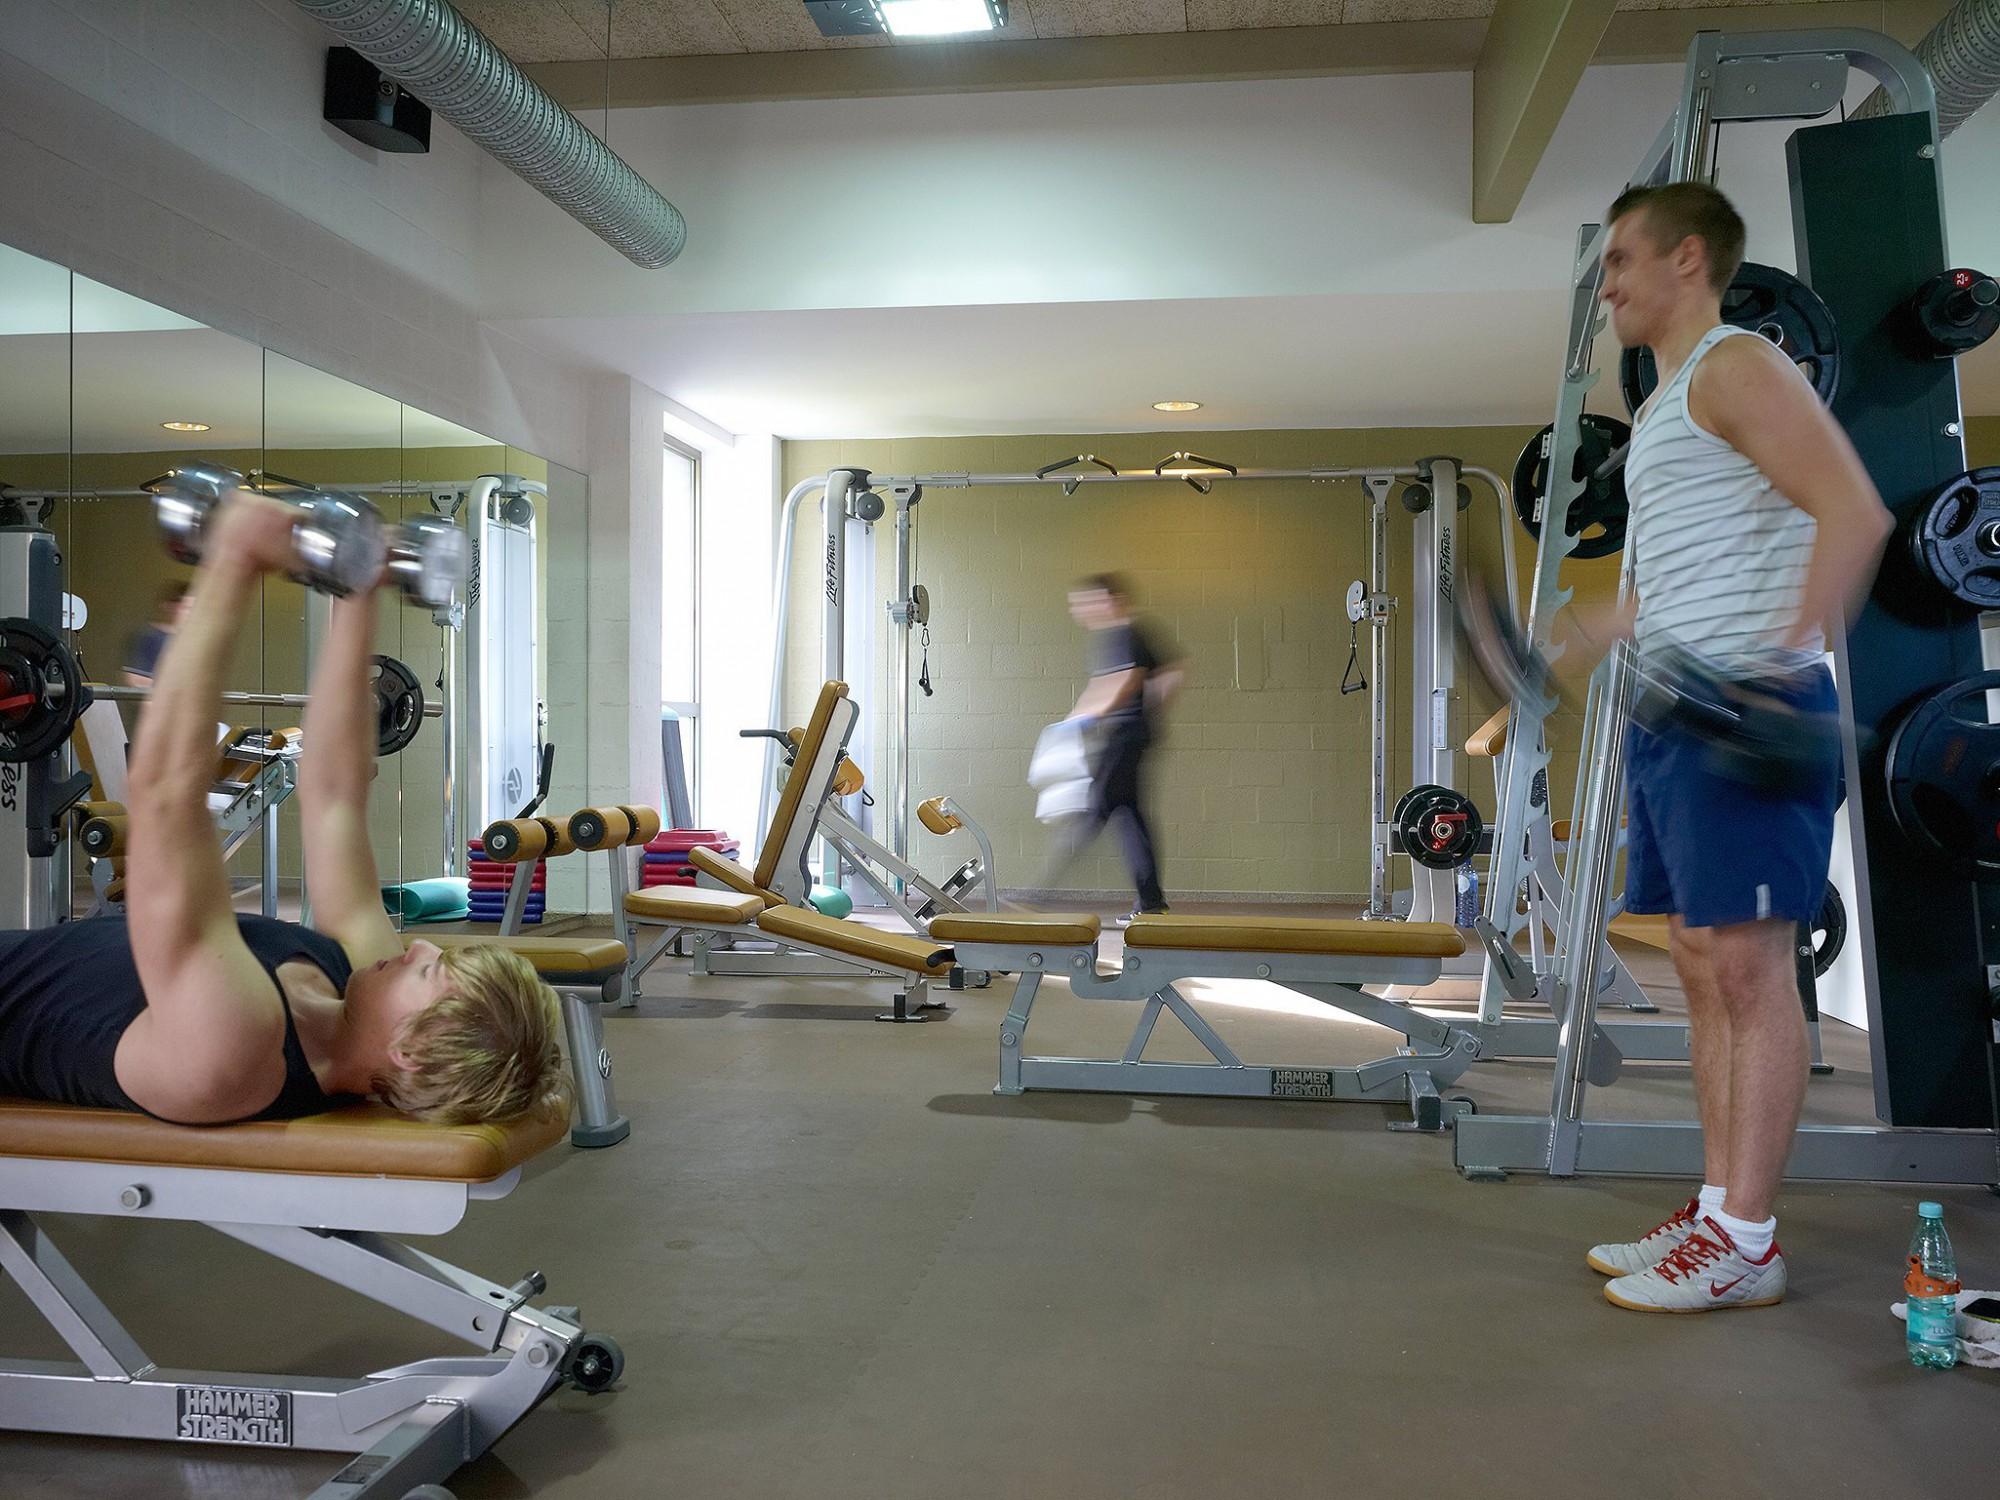 Afbeelding: Bedrijfsreportage fotografie voor Sportoase, fitness zaal.